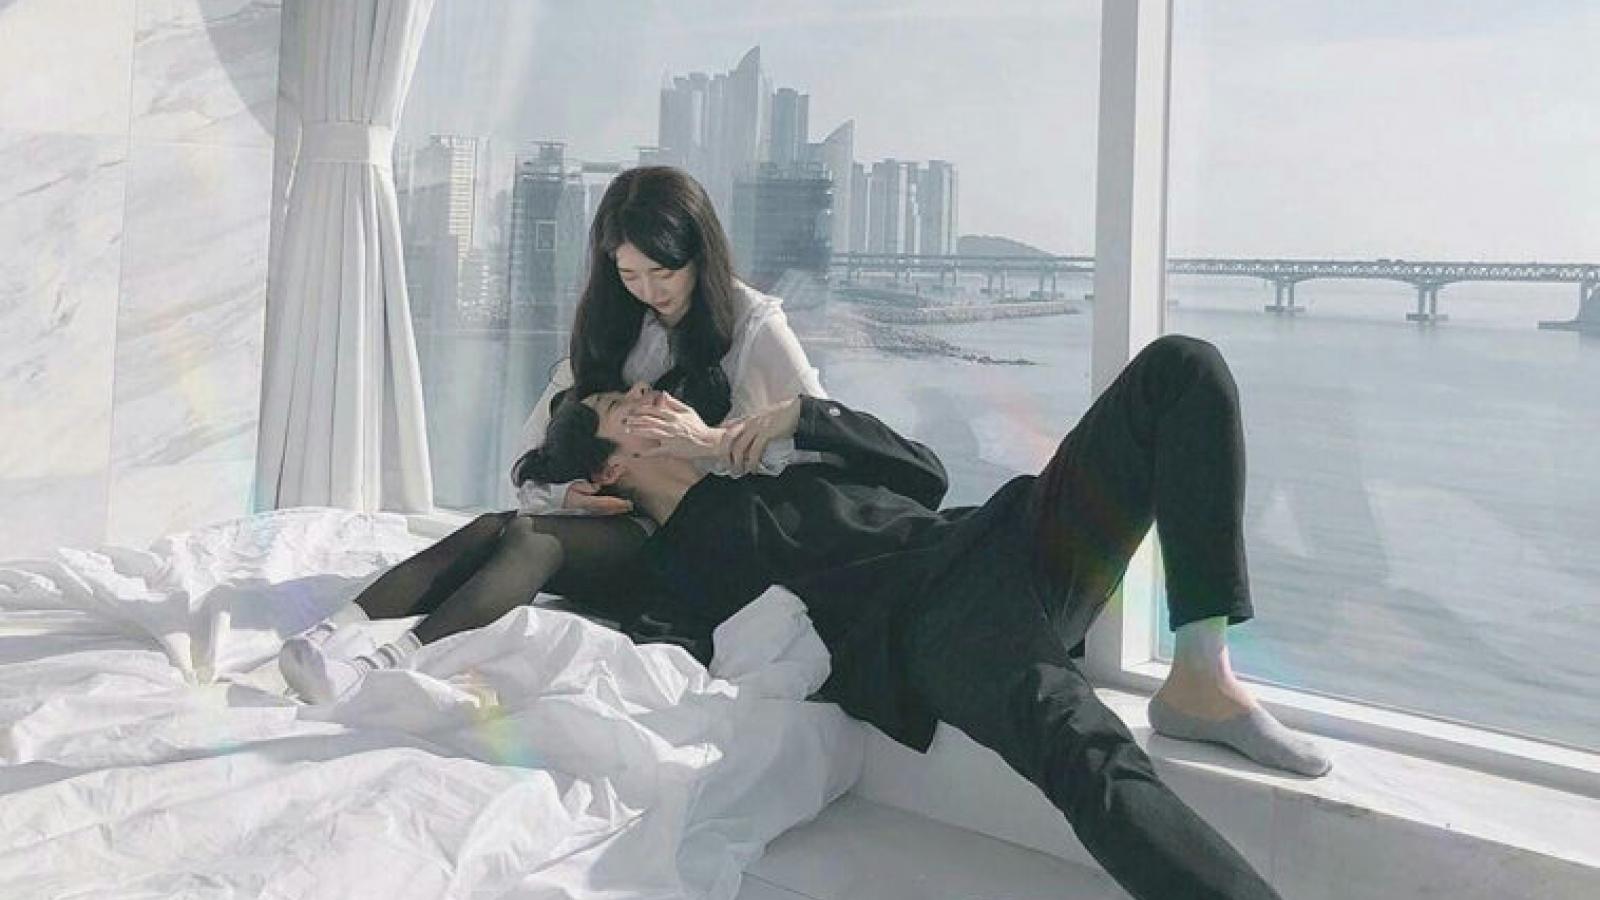 """8 thói quen tốt cho một mối quan hệ nhưng nhiều người lại xem là """"độc hại"""""""